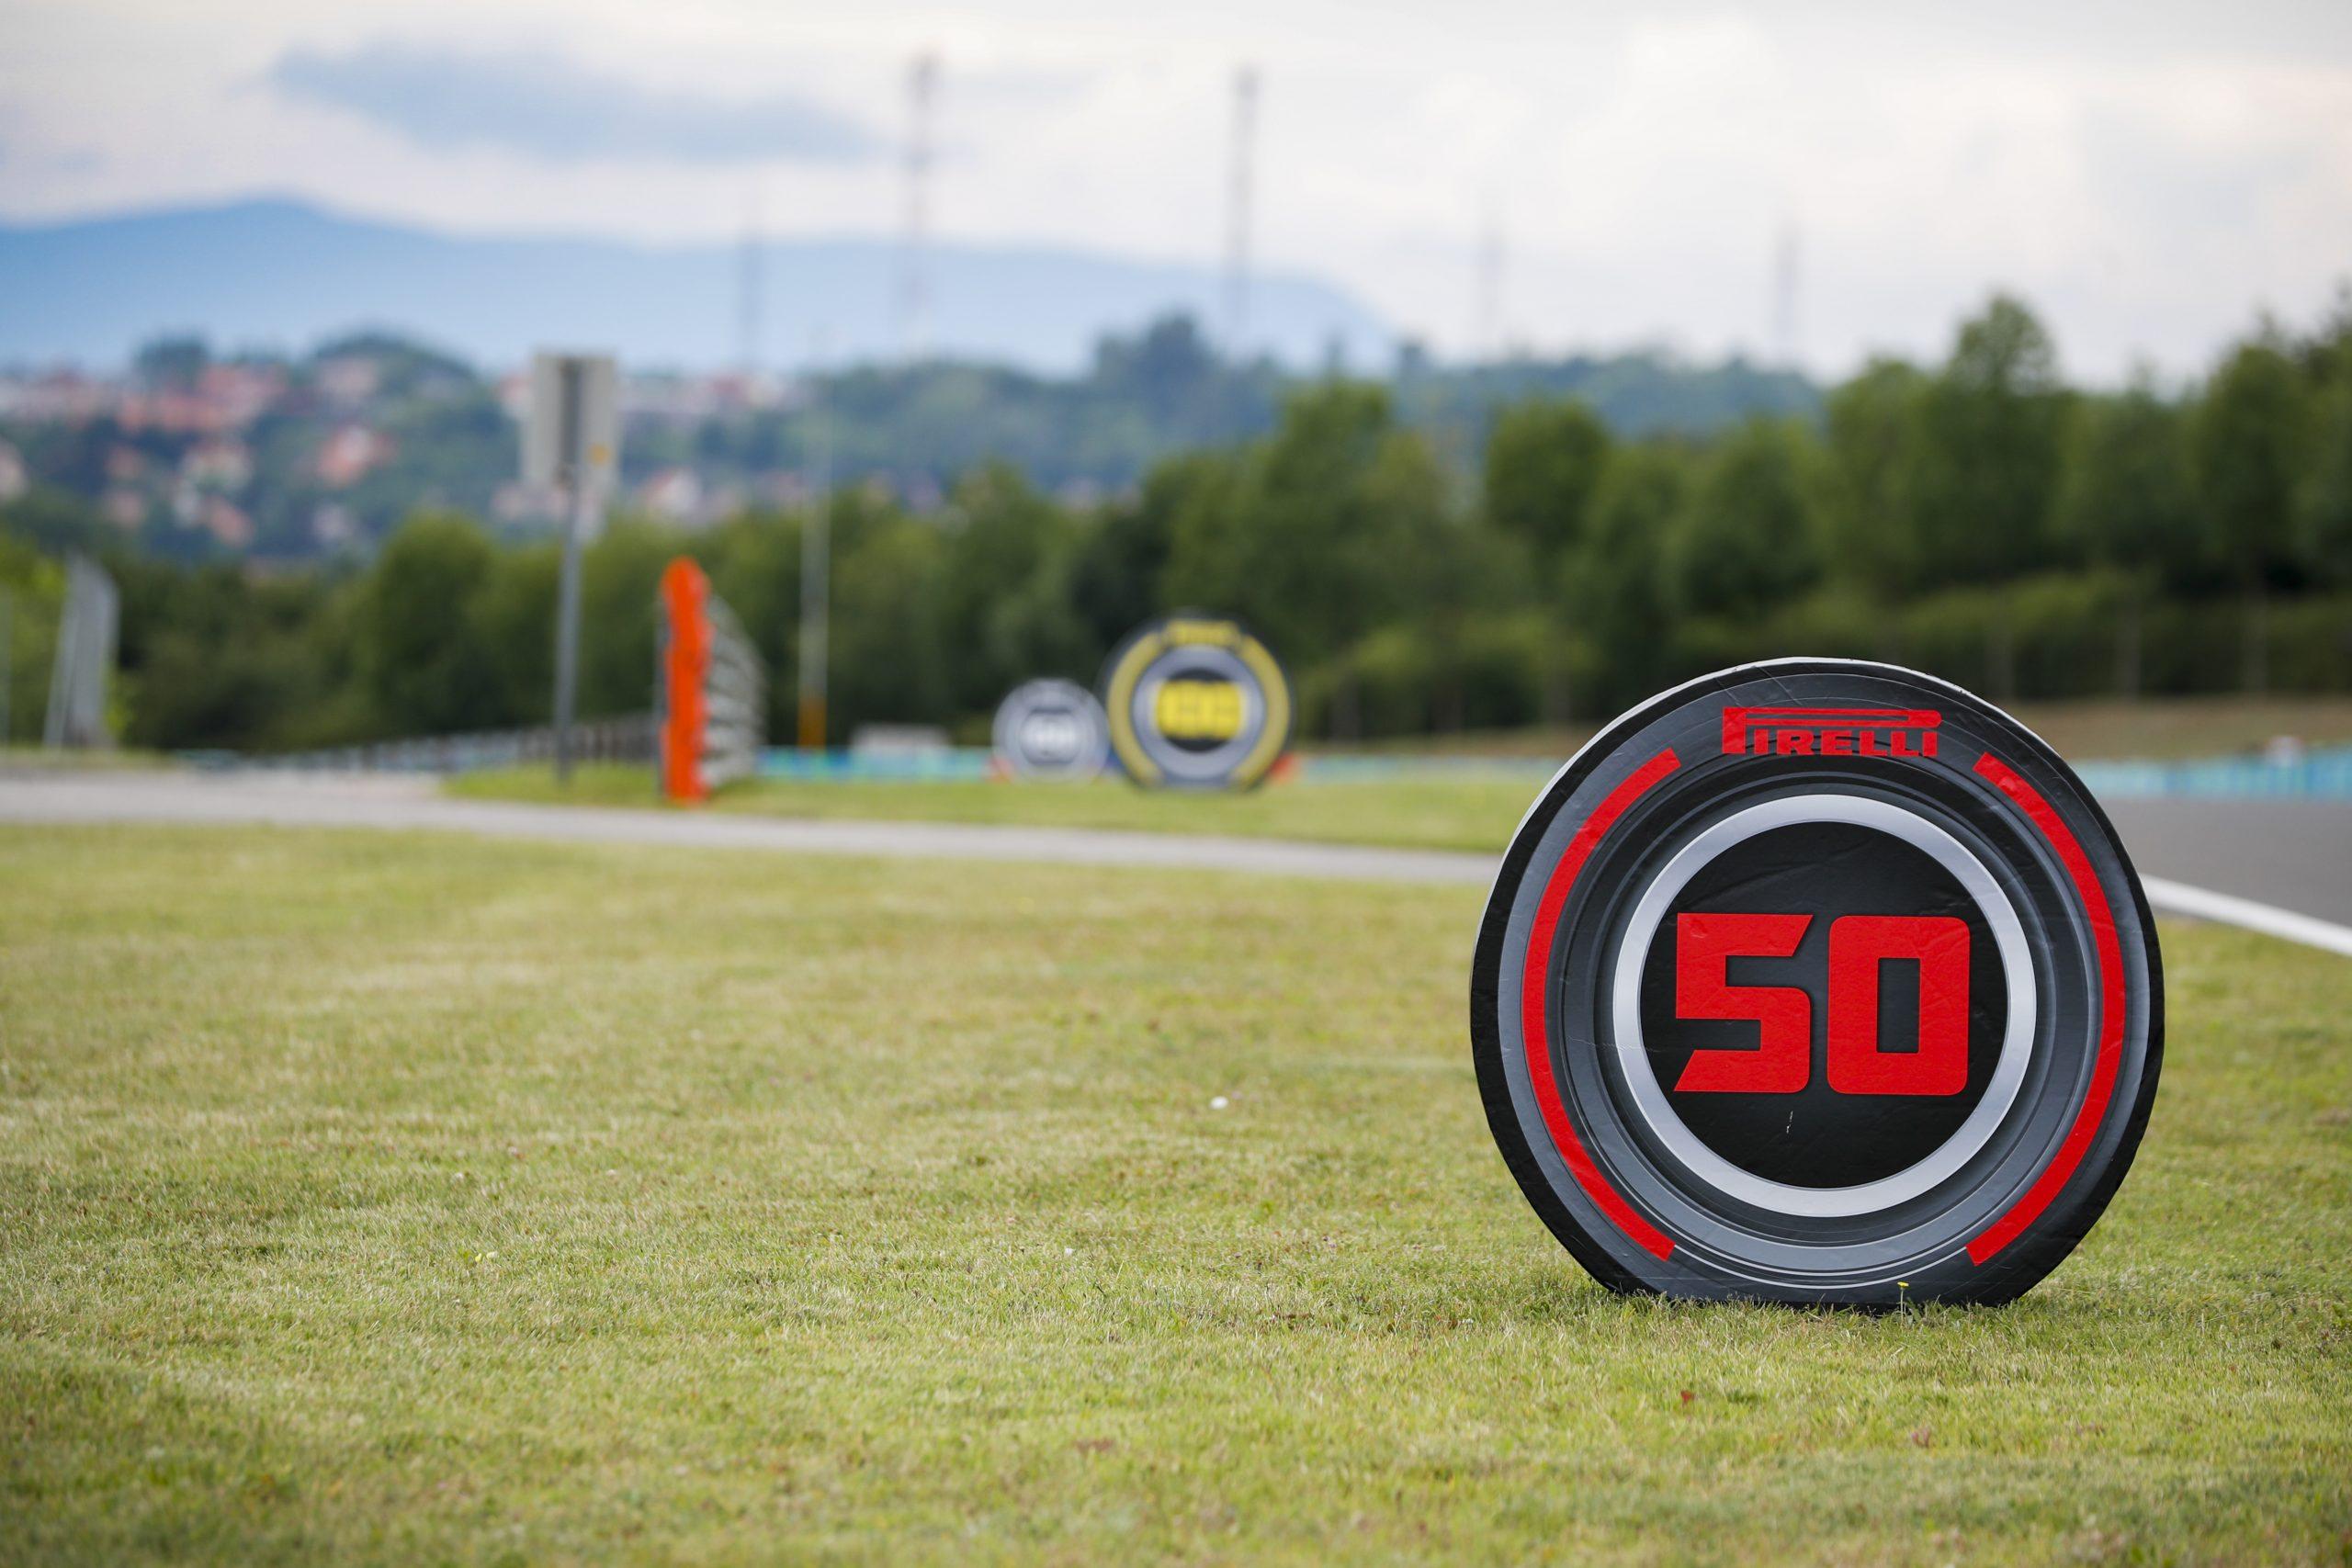 F1 - Pirelli annonce ses choix de pneus pour les GP de Toscane et de Russie